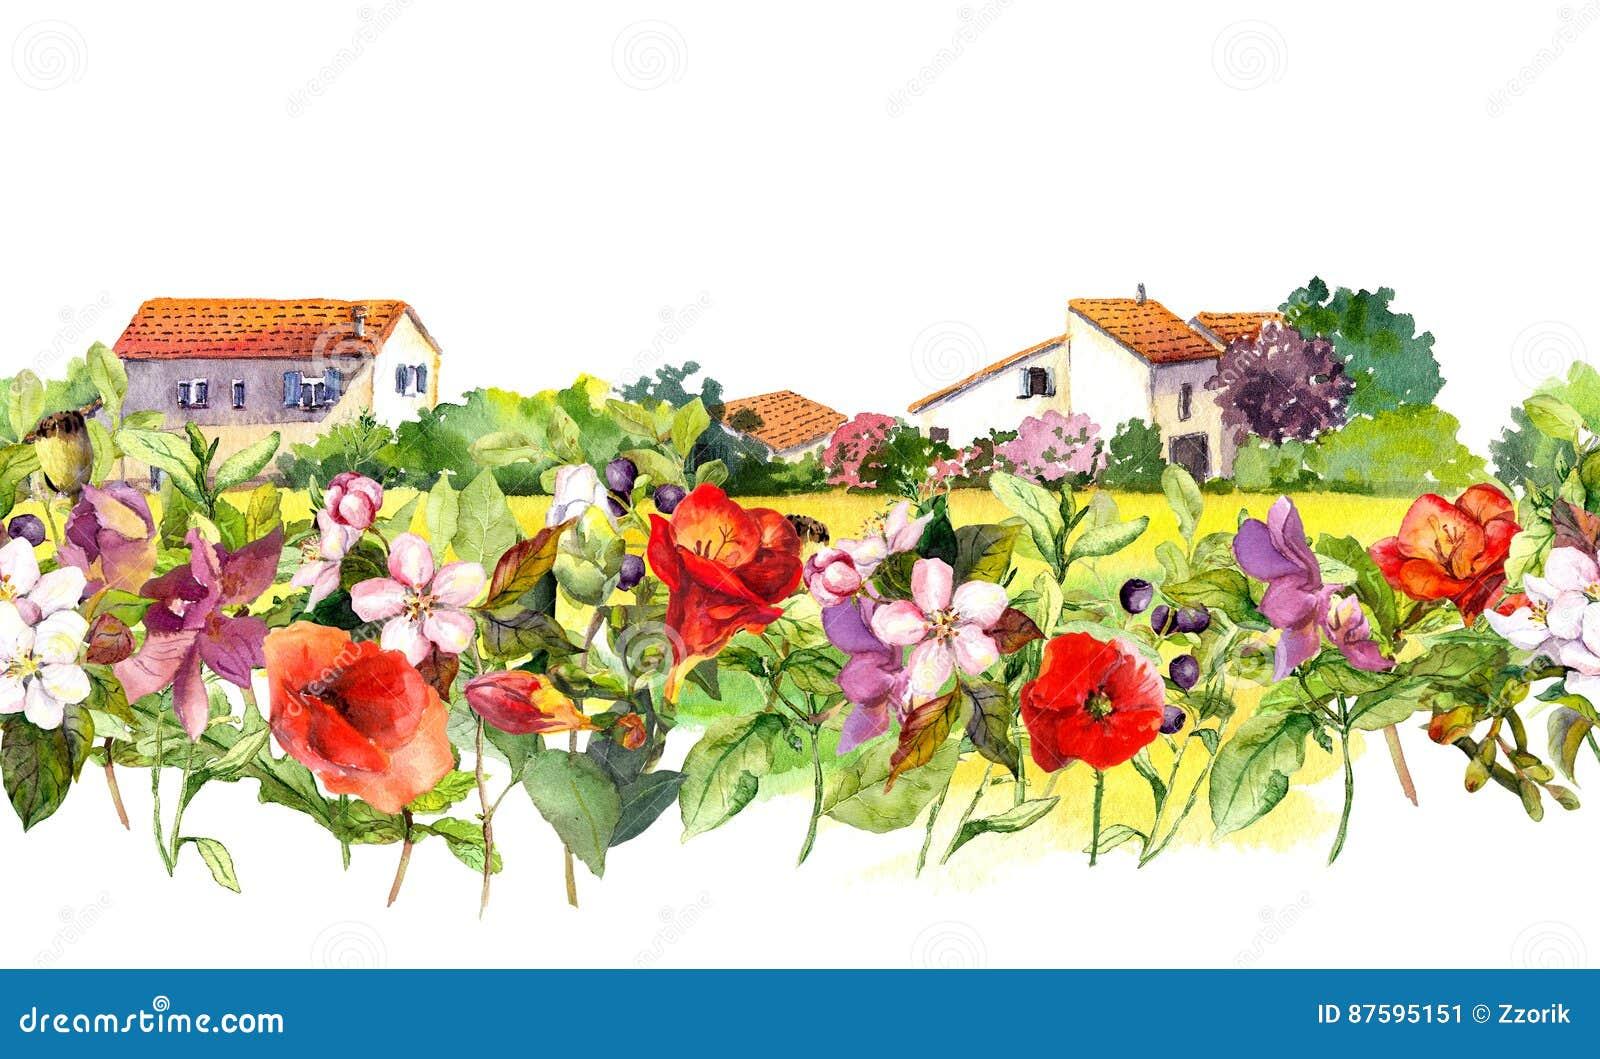 El paisaje del país con el prado florece, se chiba, las hierbas Frontera floral de la acuarela - escena rural idílica de las casa